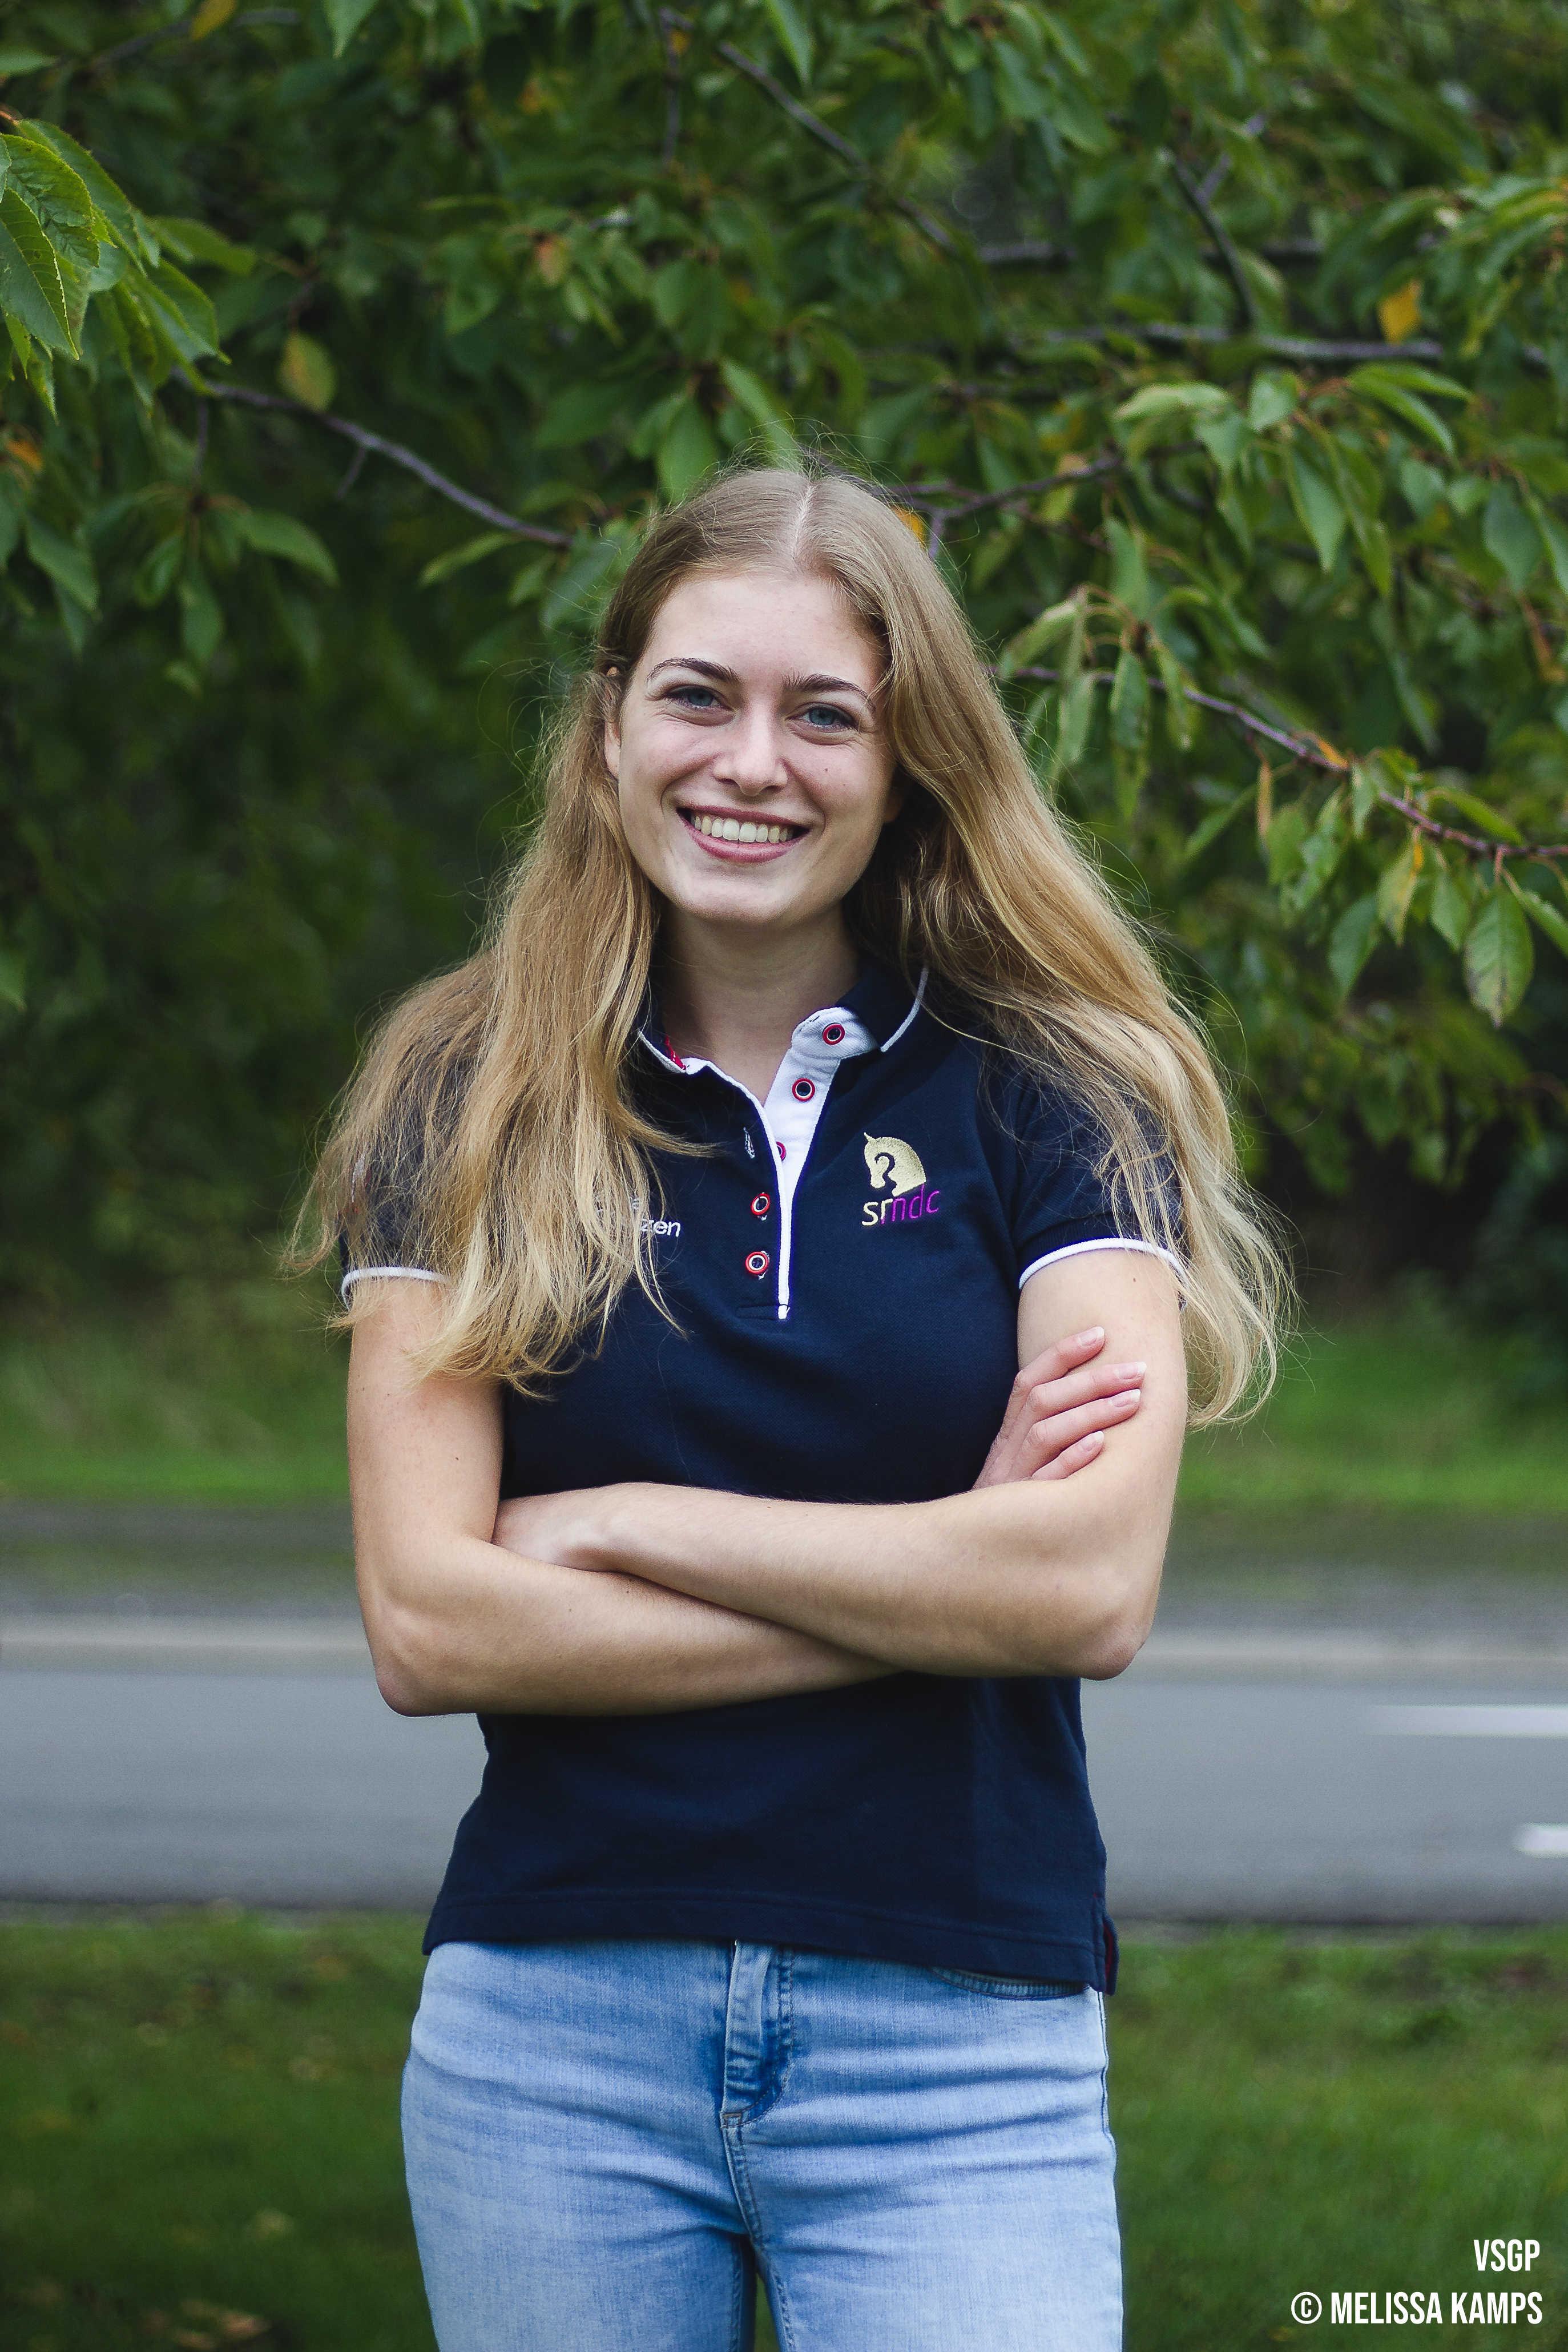 Laura Zevenhuizen